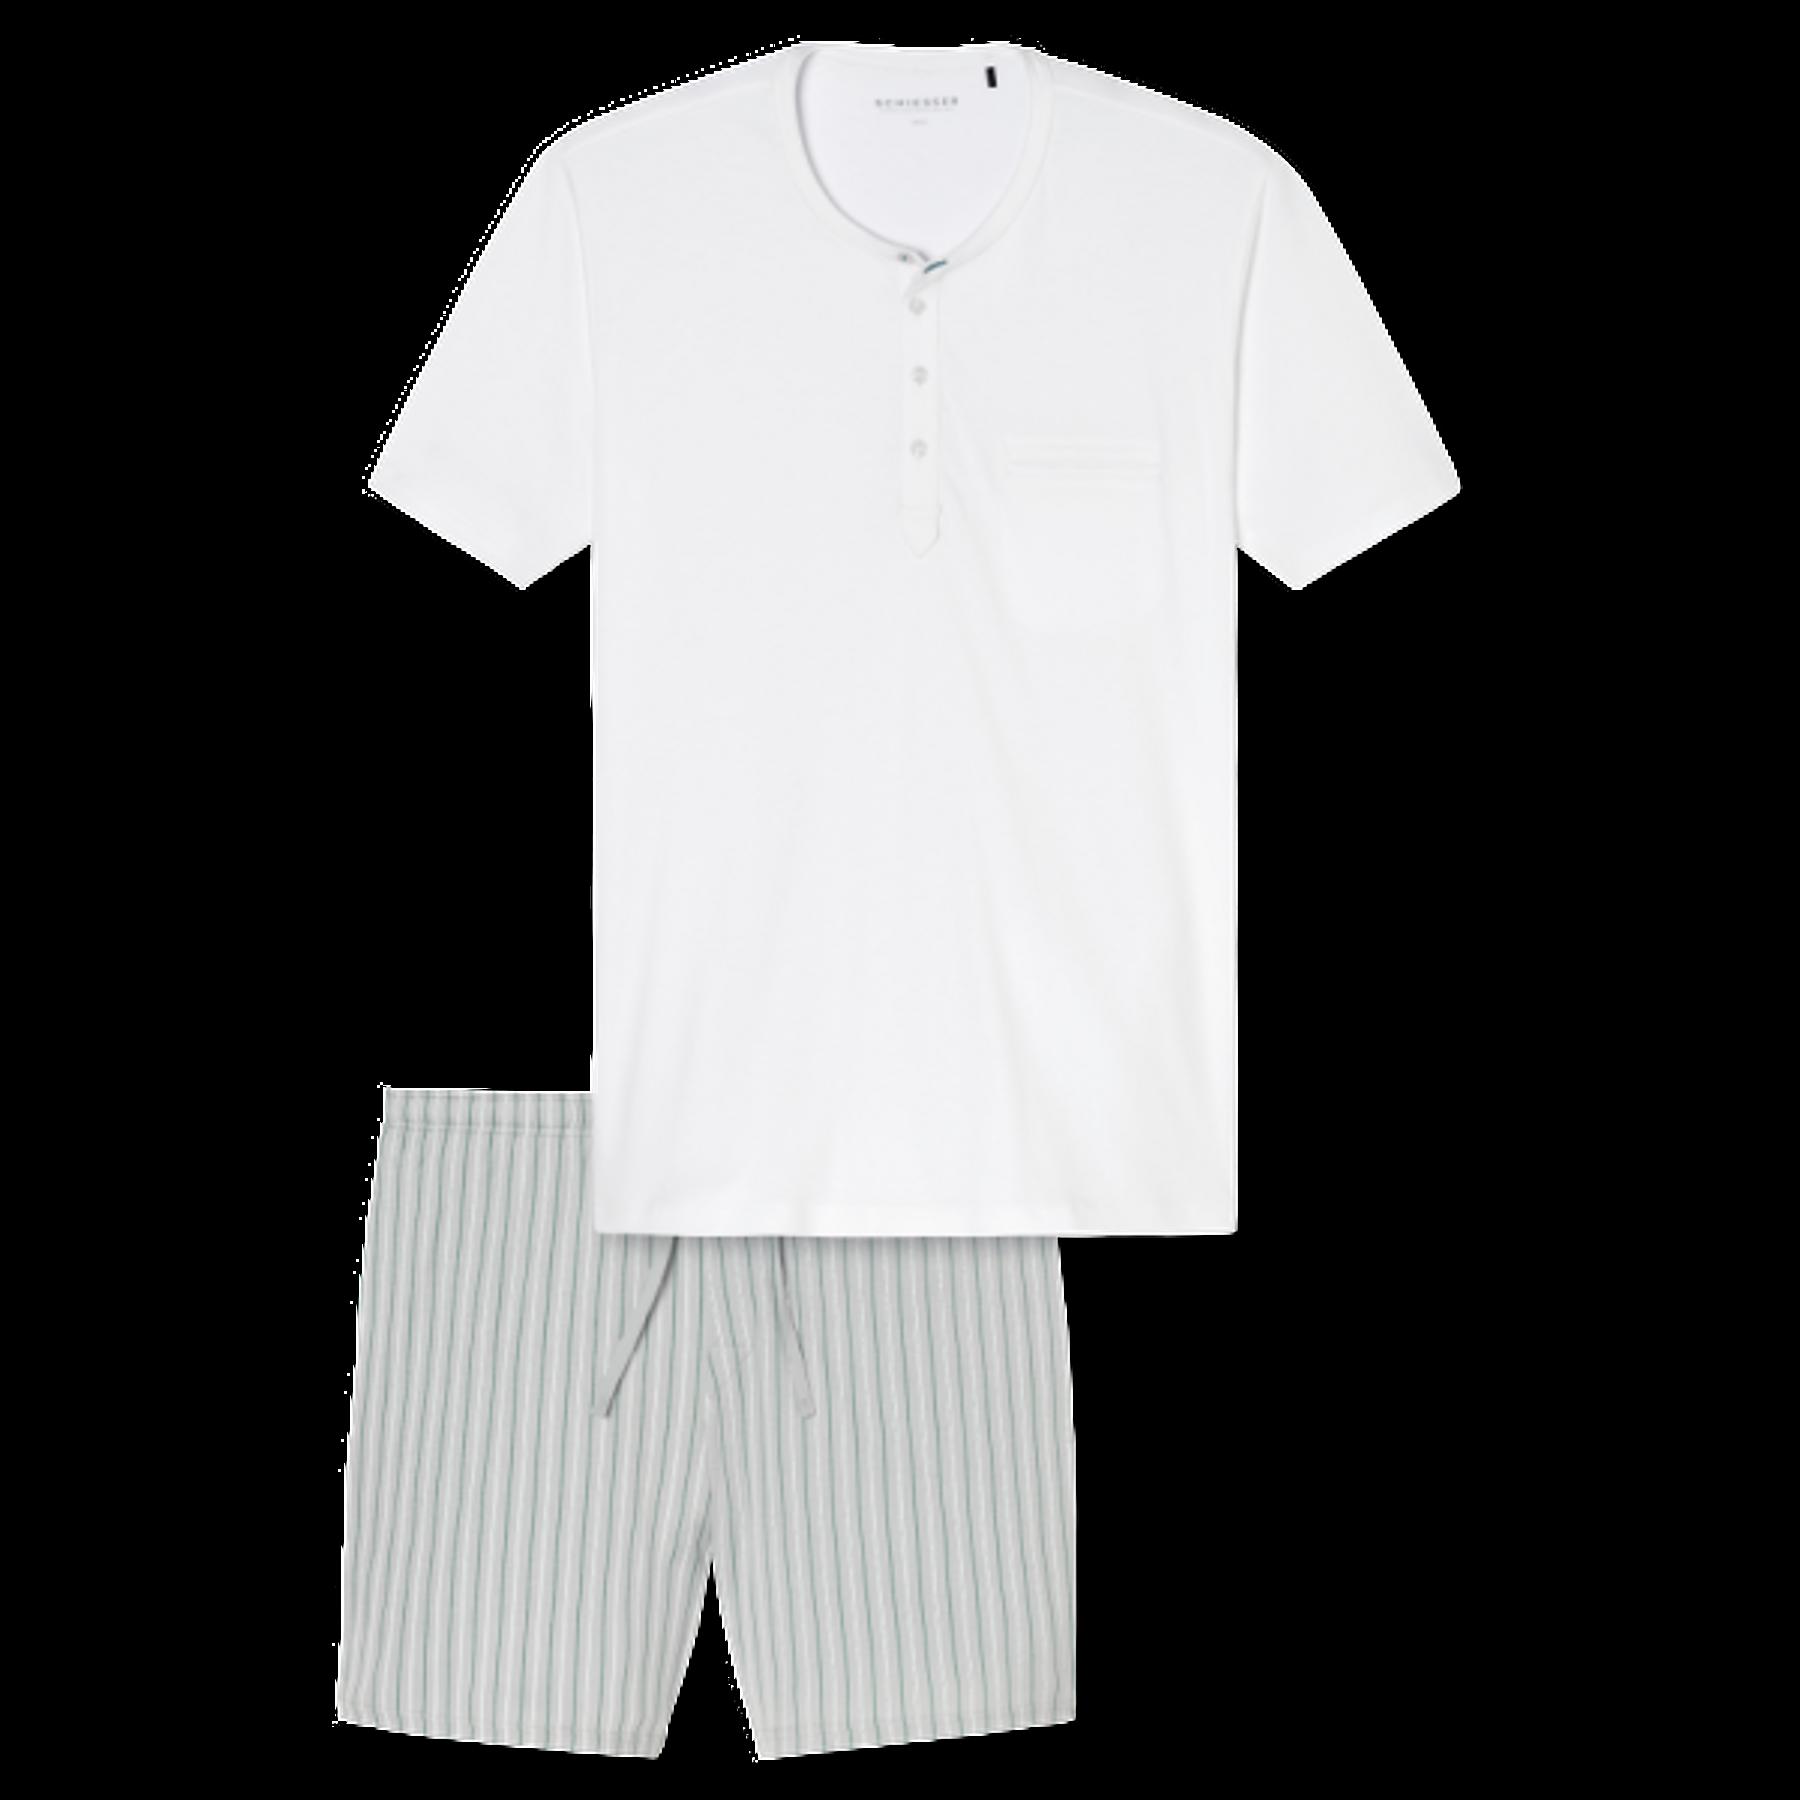 Schiesser - Herren Schlafanzug kurz - off-white (161676-102) – Bild 2